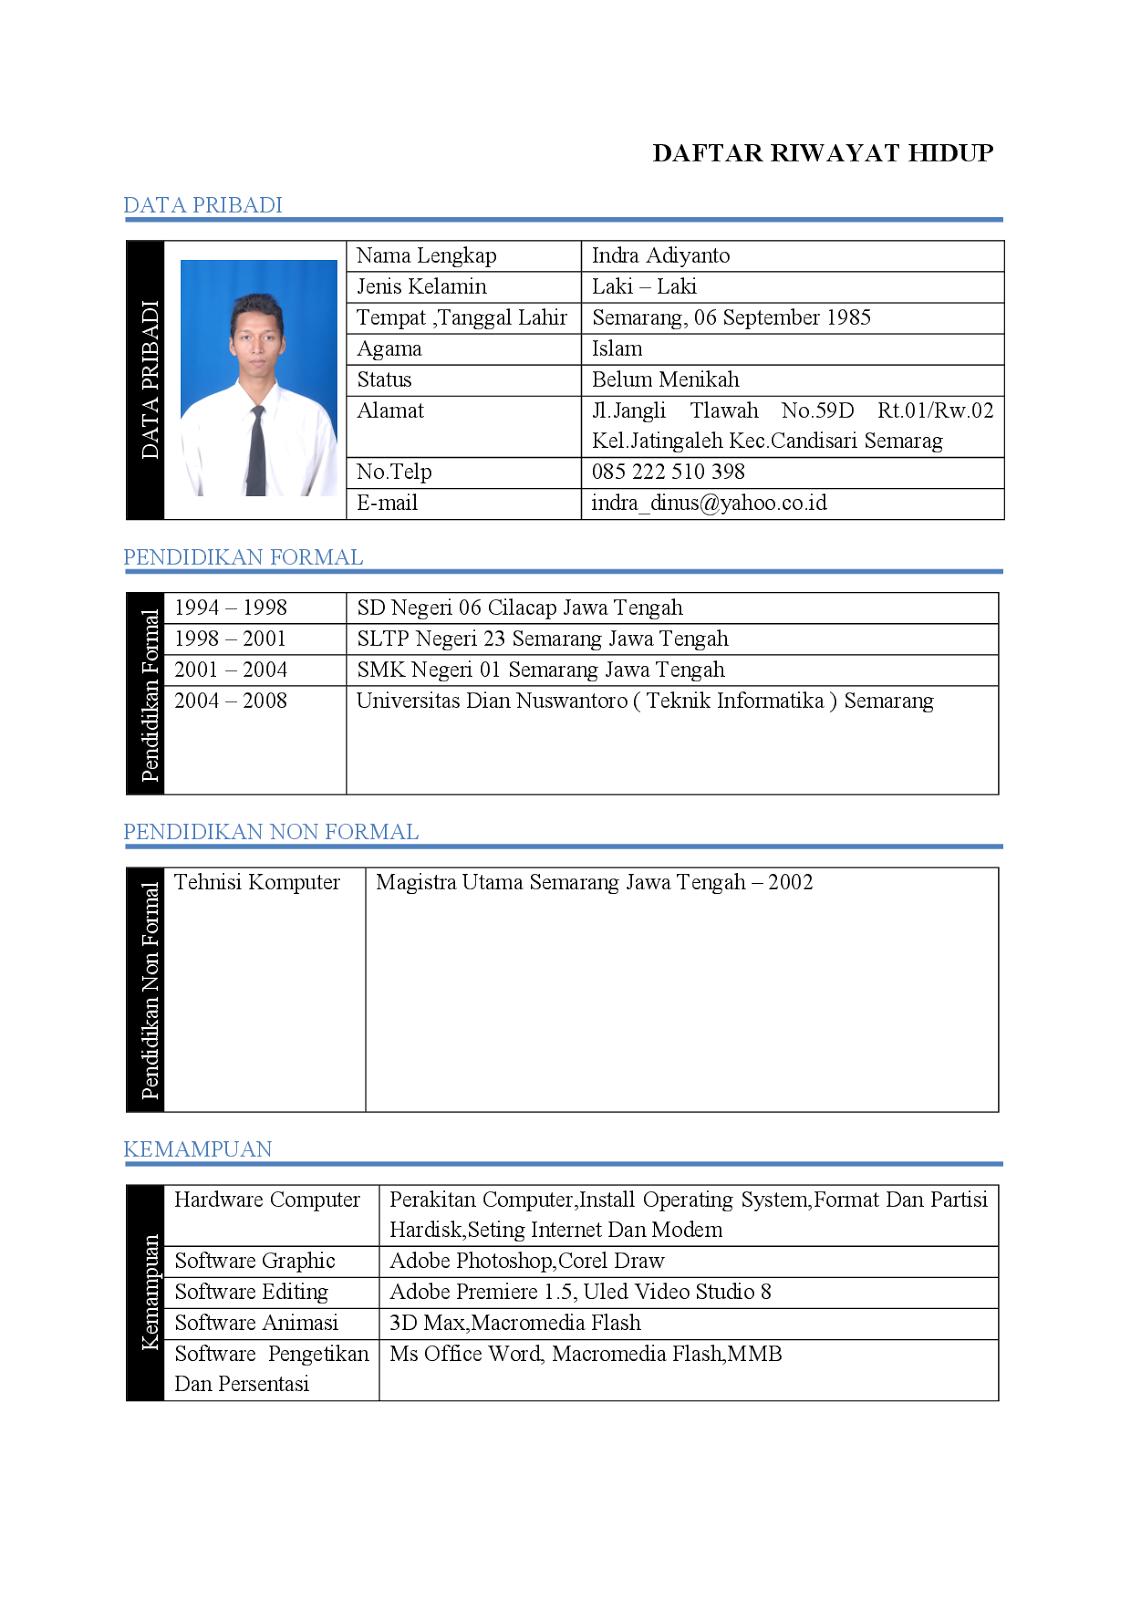 format daftar riwayat hidup lamaran kerja, format daftar riwayat hidup terbaru, format daftar riwayat hidup profesional, daftar riwayat hidup sederhana doc, download contoh cv yang baik dan menarik, download contoh cv bahasa inggris, format daftar riwayat hidup sederhana, contoh curriculum vitae menarik  ben-jobs.blogspot.com